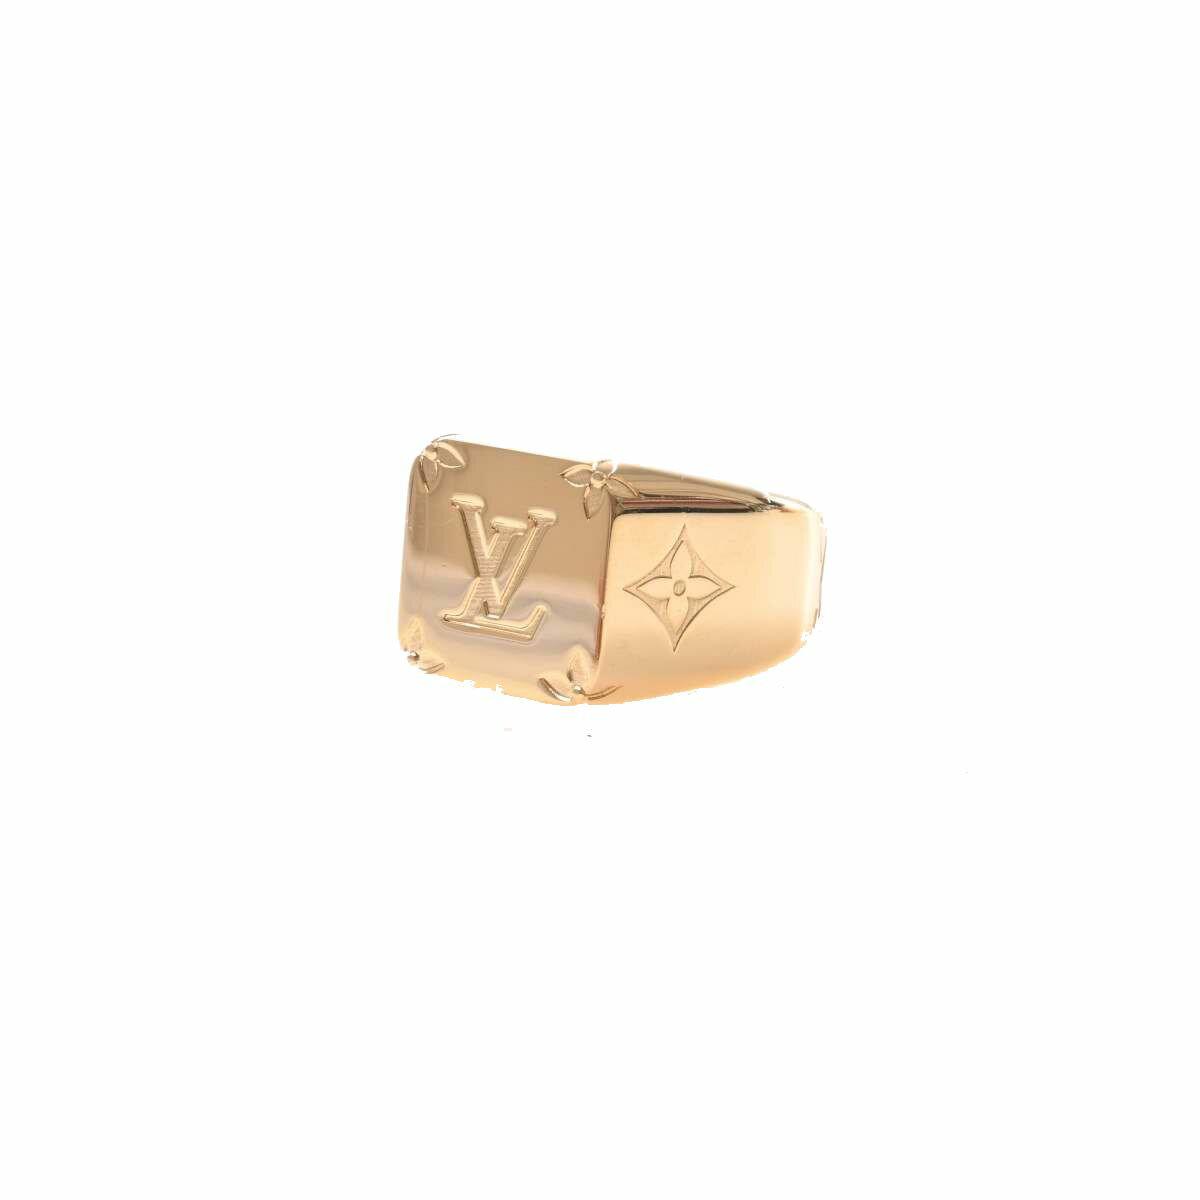 ルイヴィトン LOUIS VUITTON モノグラム シグネットリング 指輪 ゴールド メタル